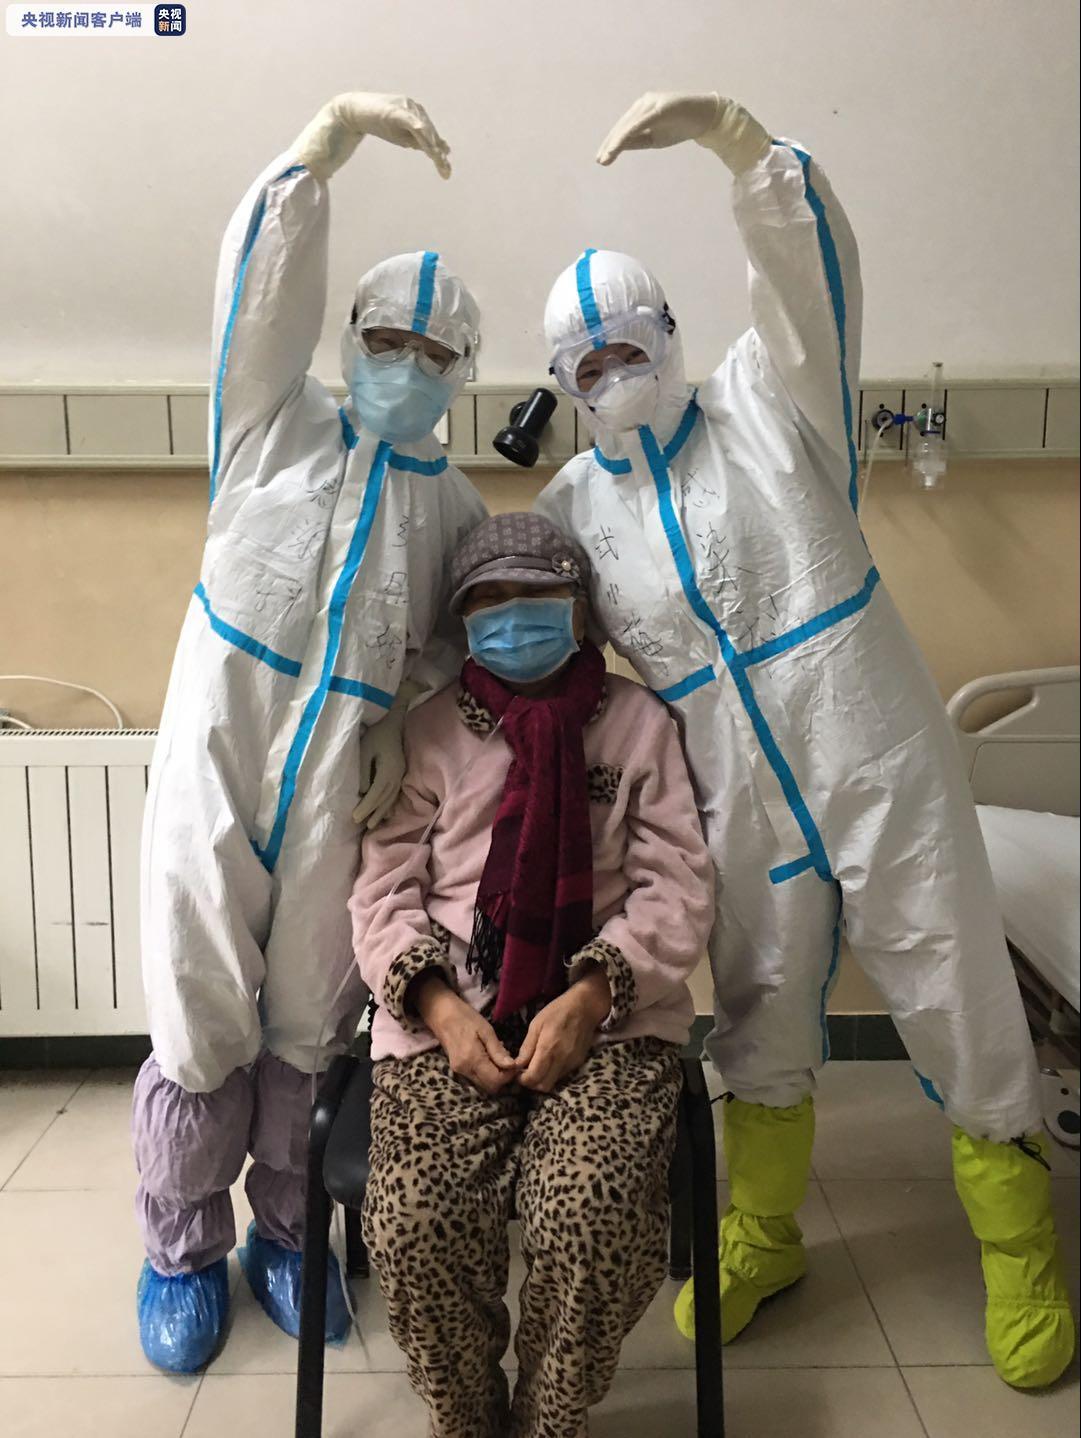 「摩天登录」新摩天登录冠患者治愈病历长达1图片